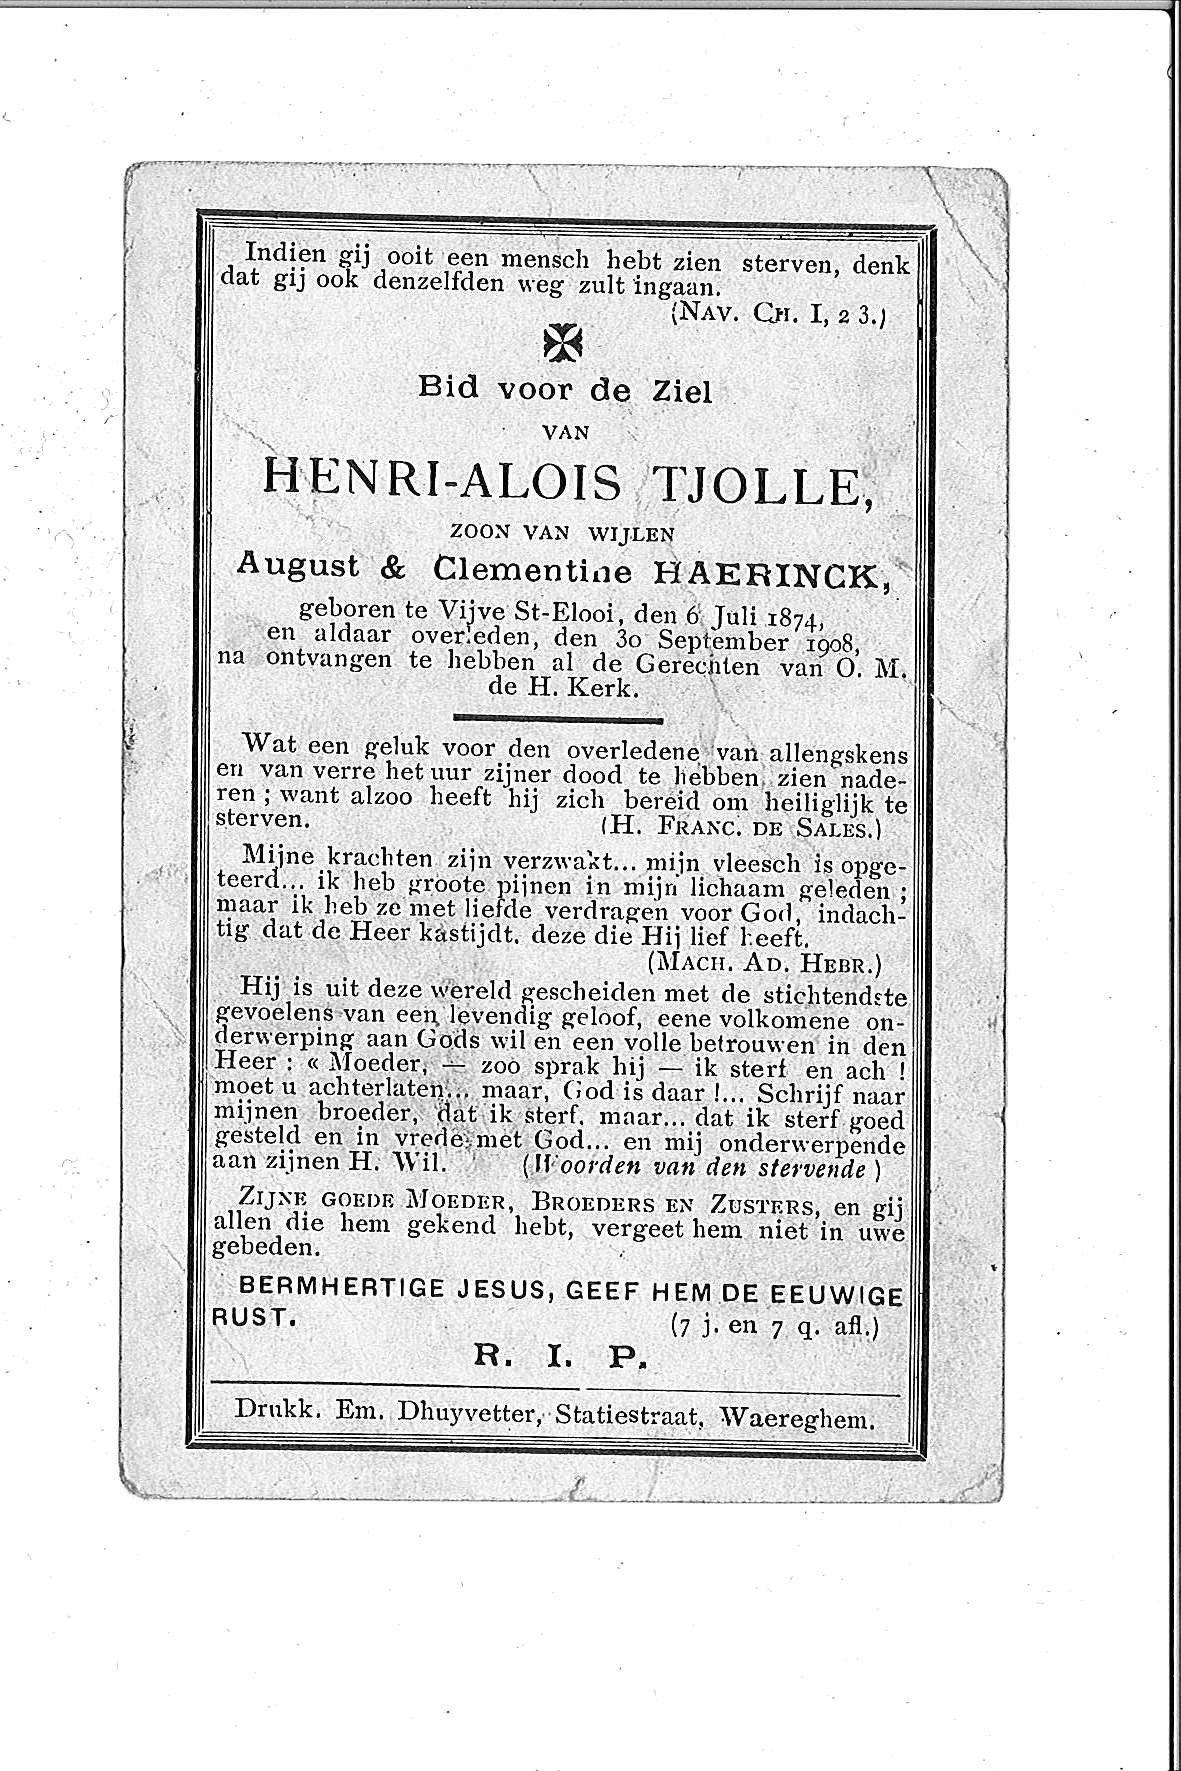 Henri-Alois(1908)20140912103237_00078.jpg